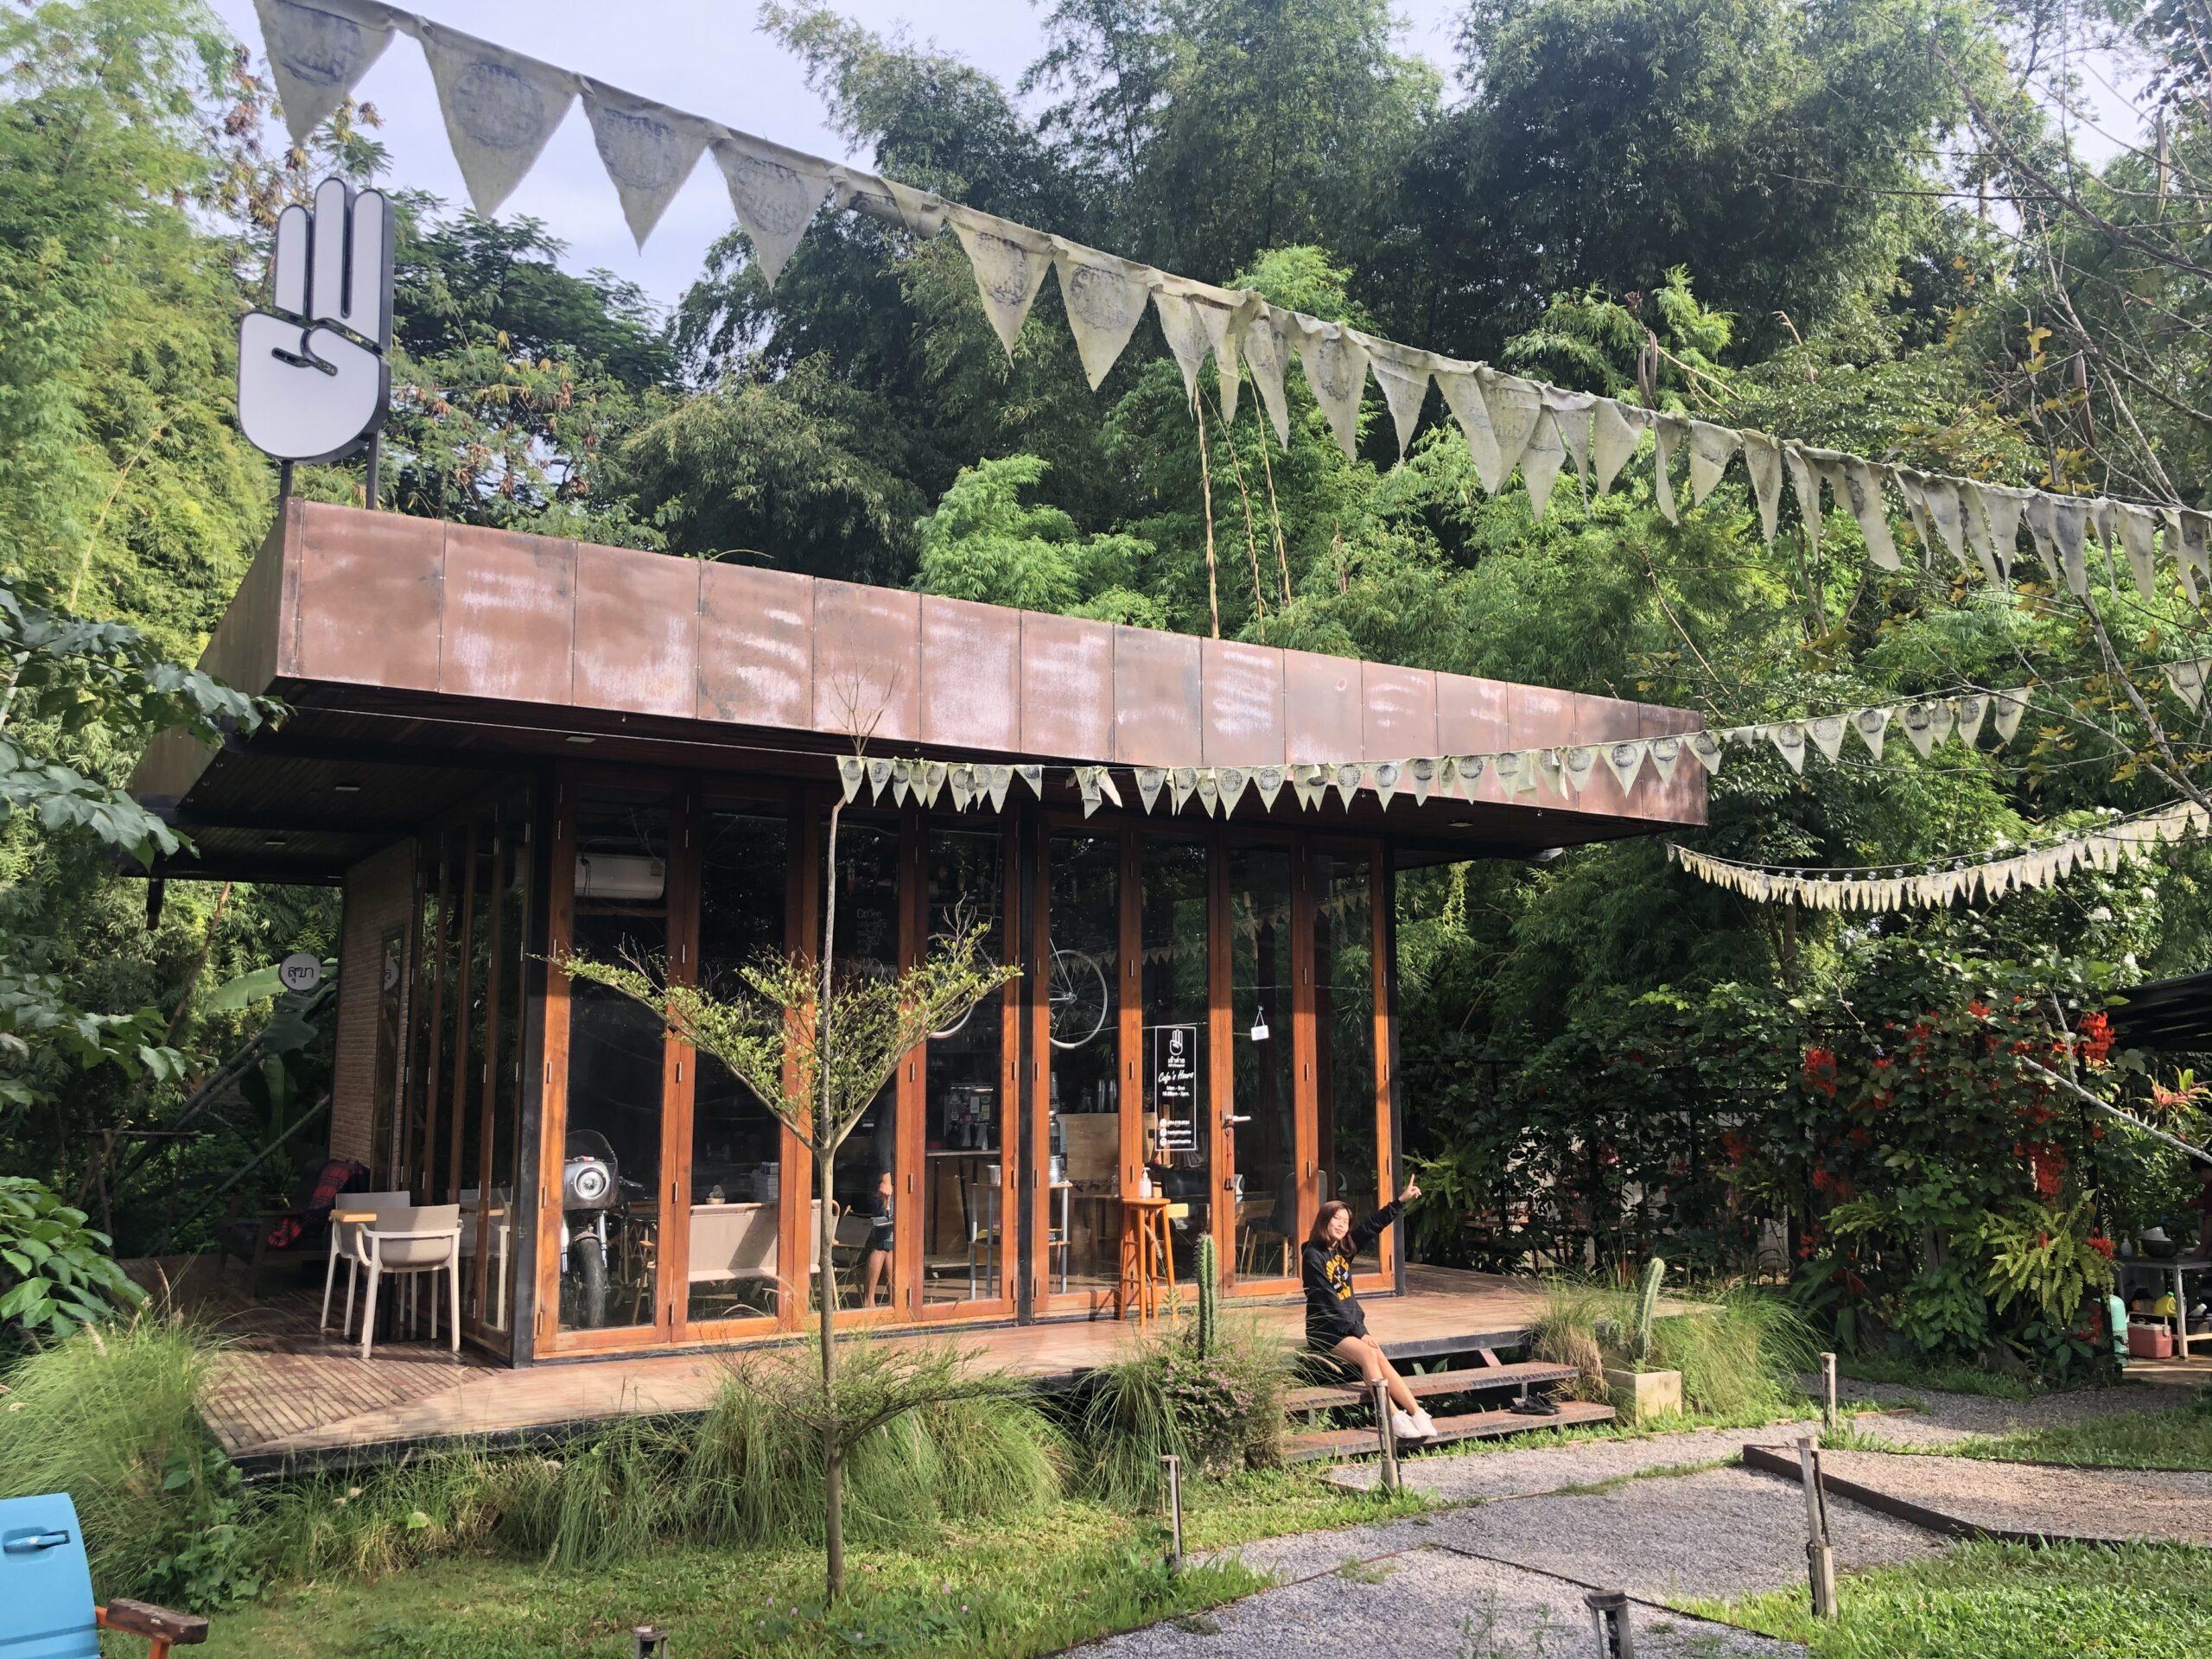 เข้าค่าย Cafe&Cabinที่พัก